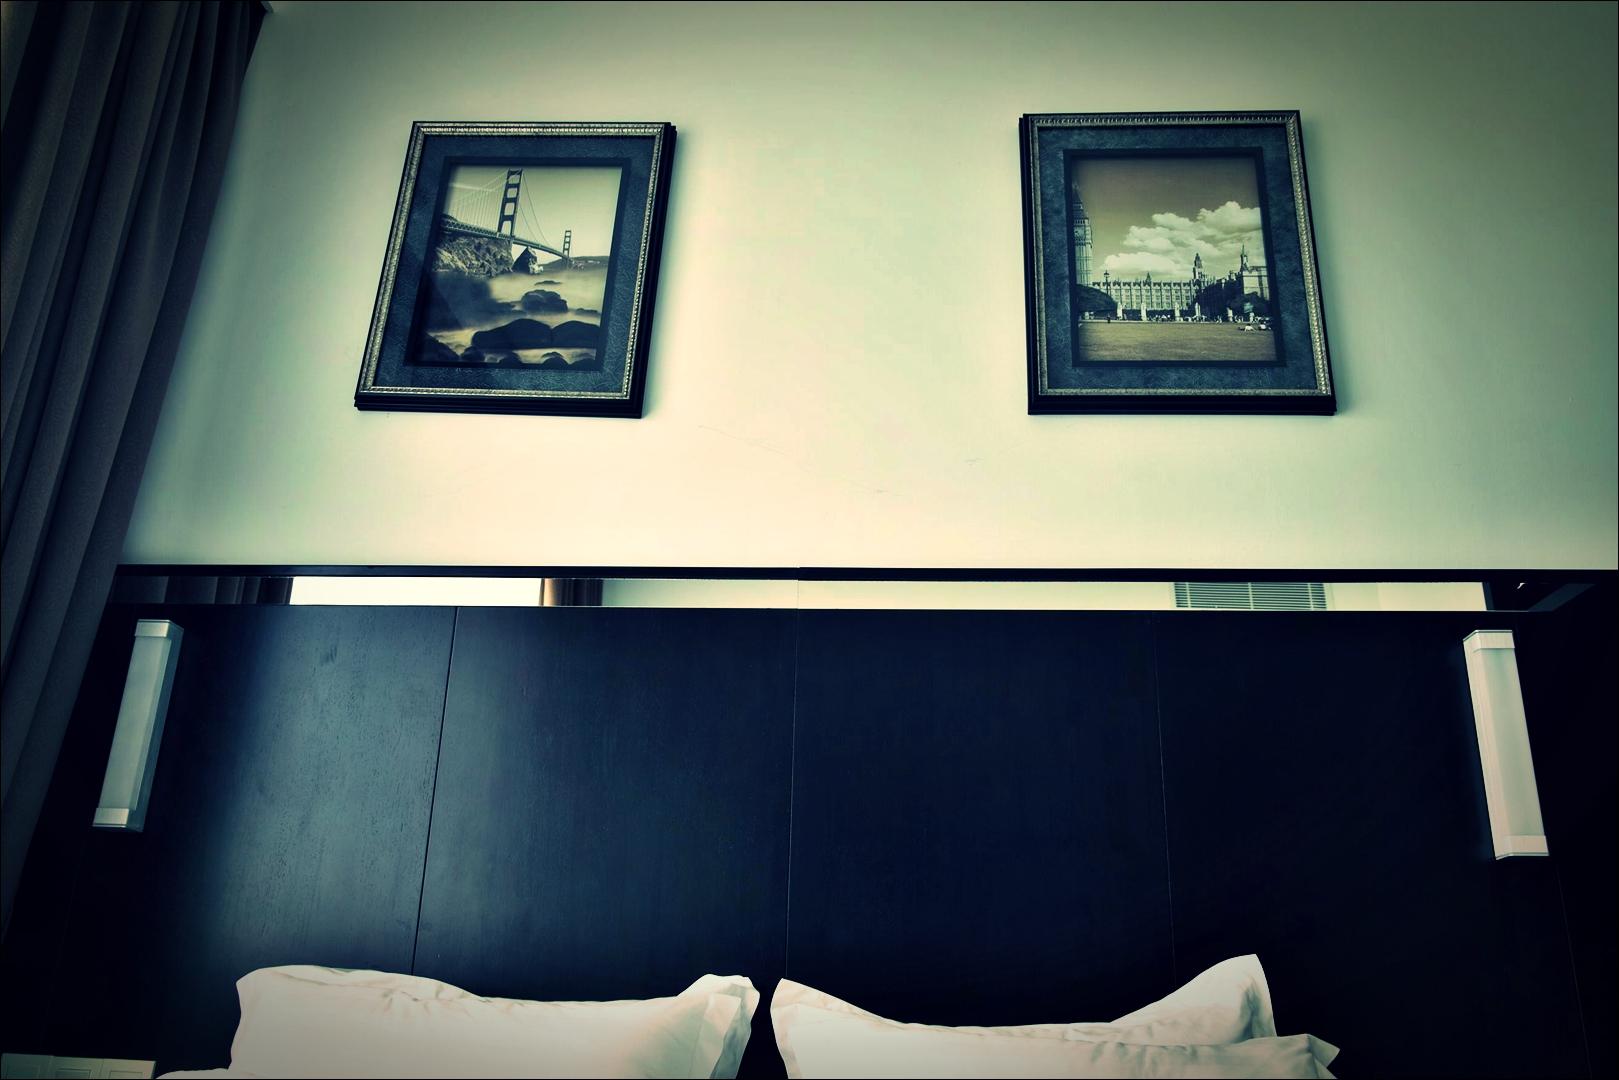 침대-'드림텔 코타키나발루. Hotel Dreamtel Kota Kinabalu.'